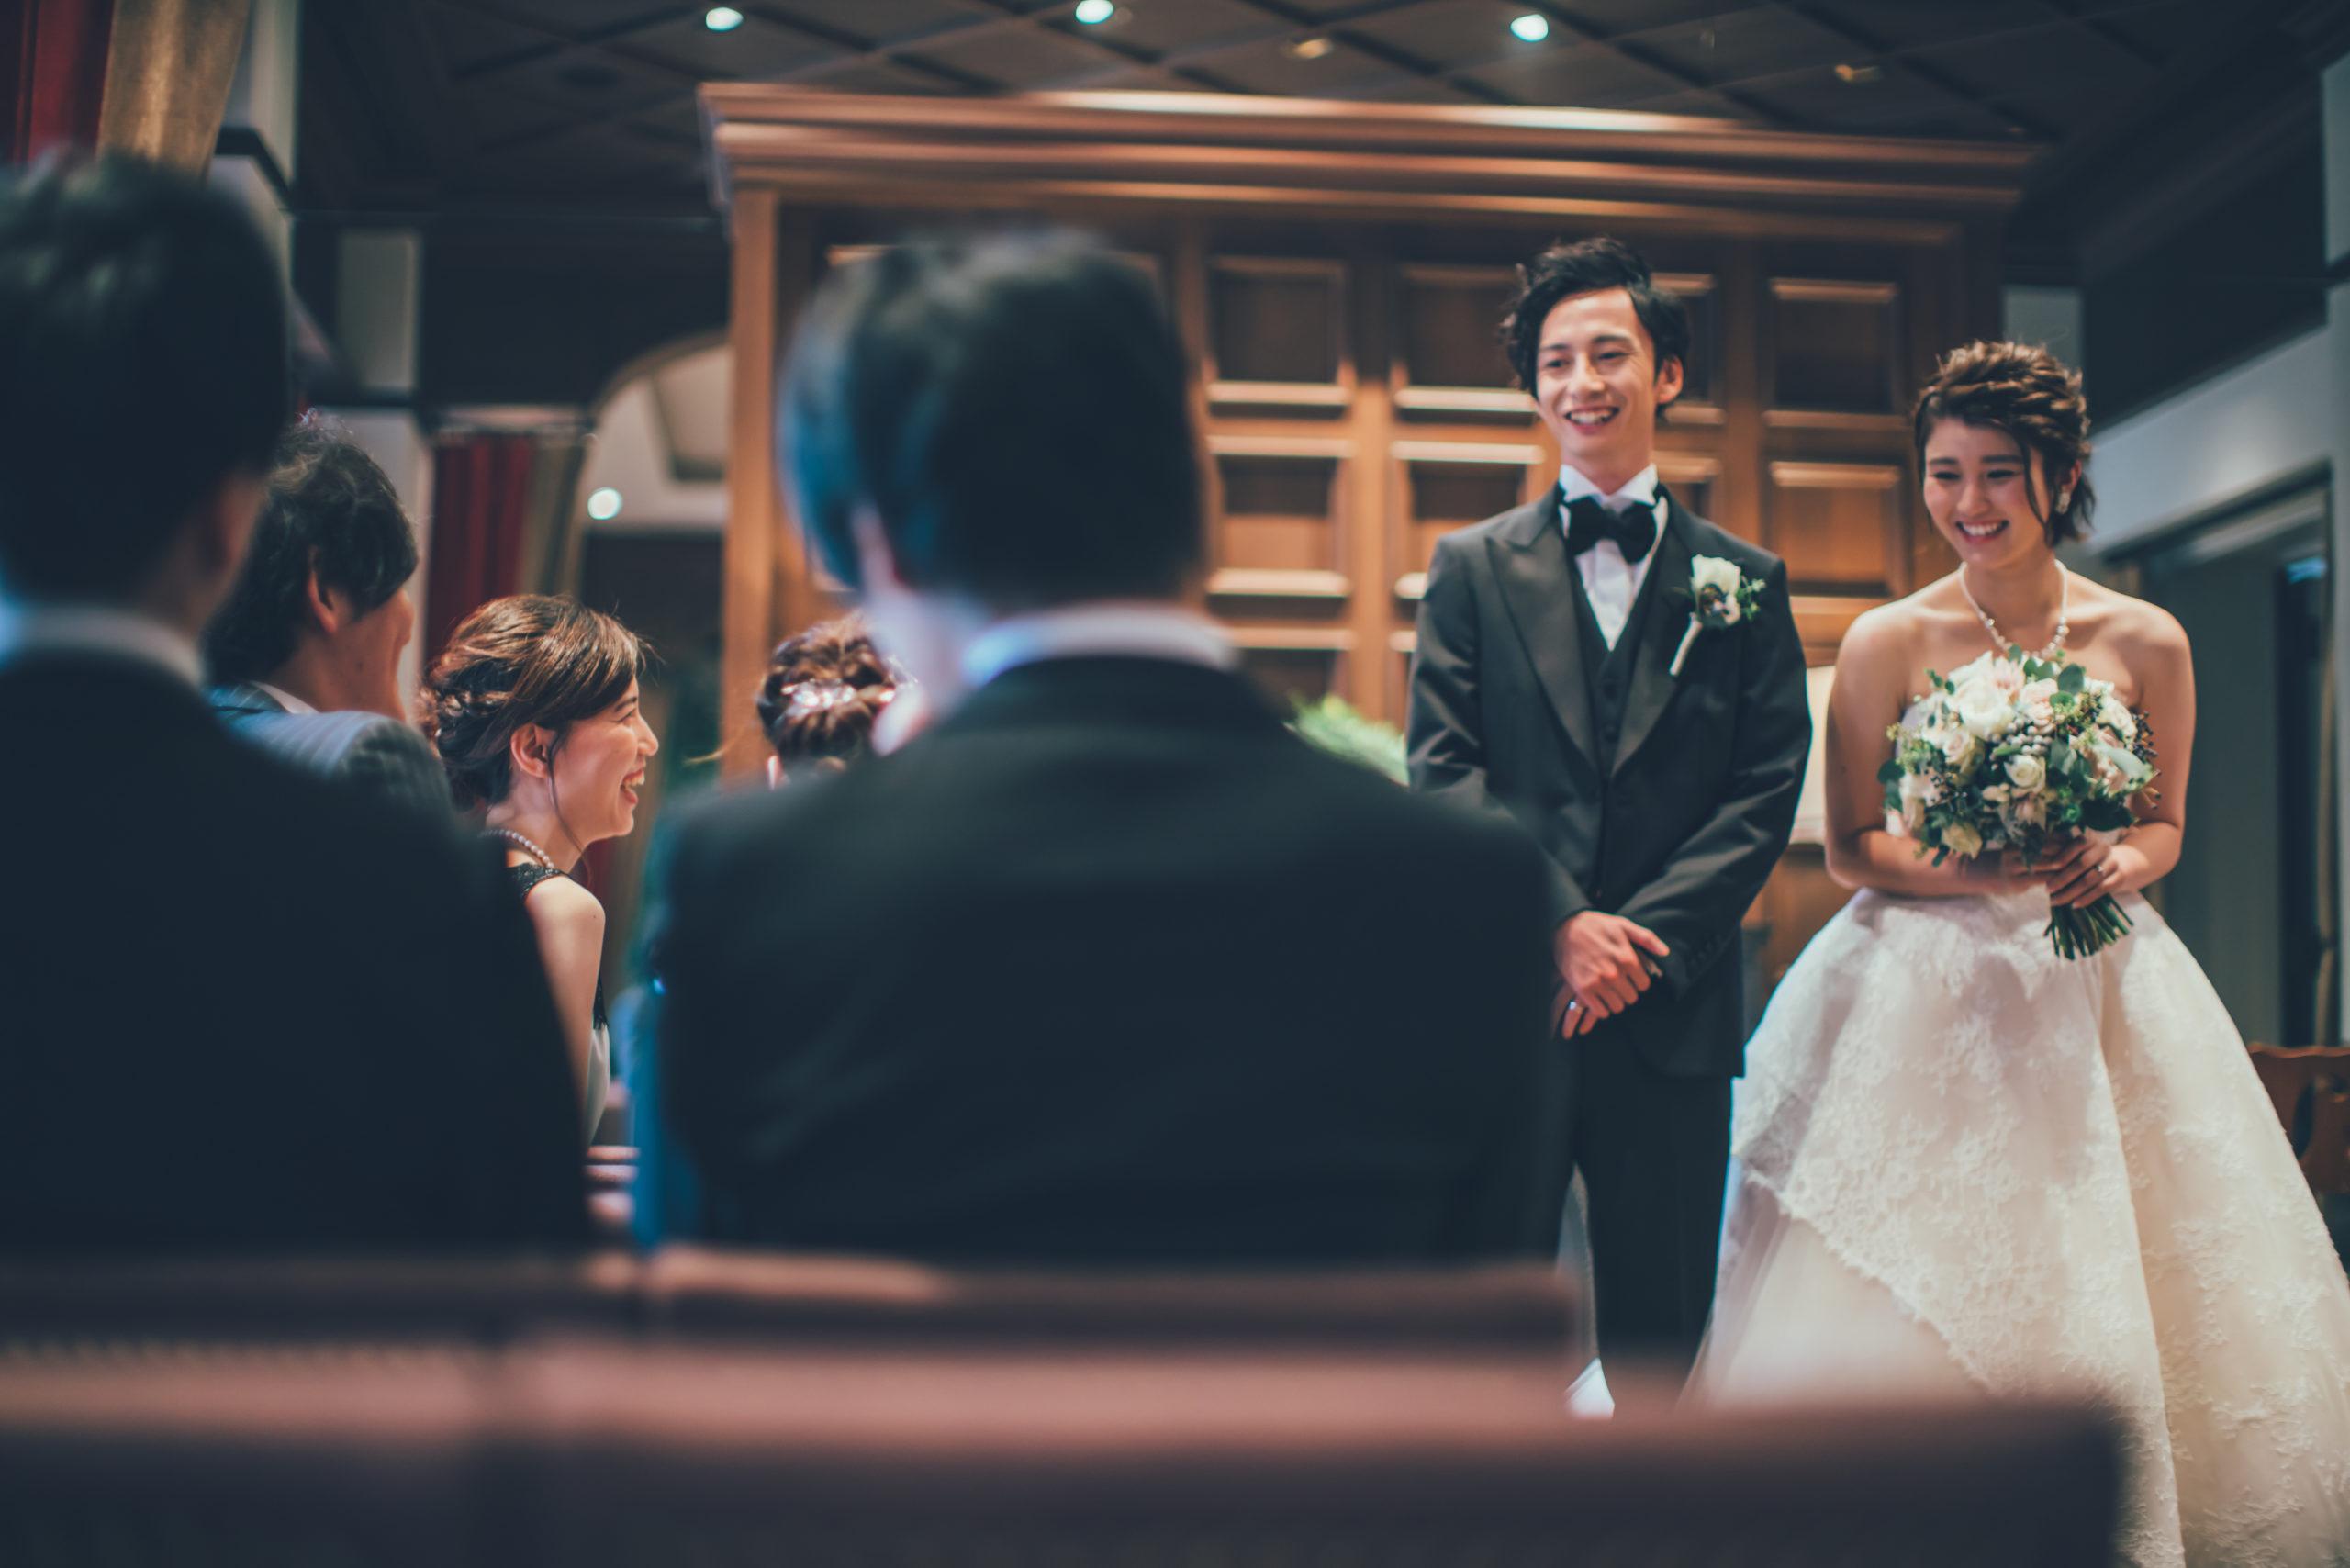 結婚式 お礼挨拶 挙式報告・祝辞 | 結婚式ブログ